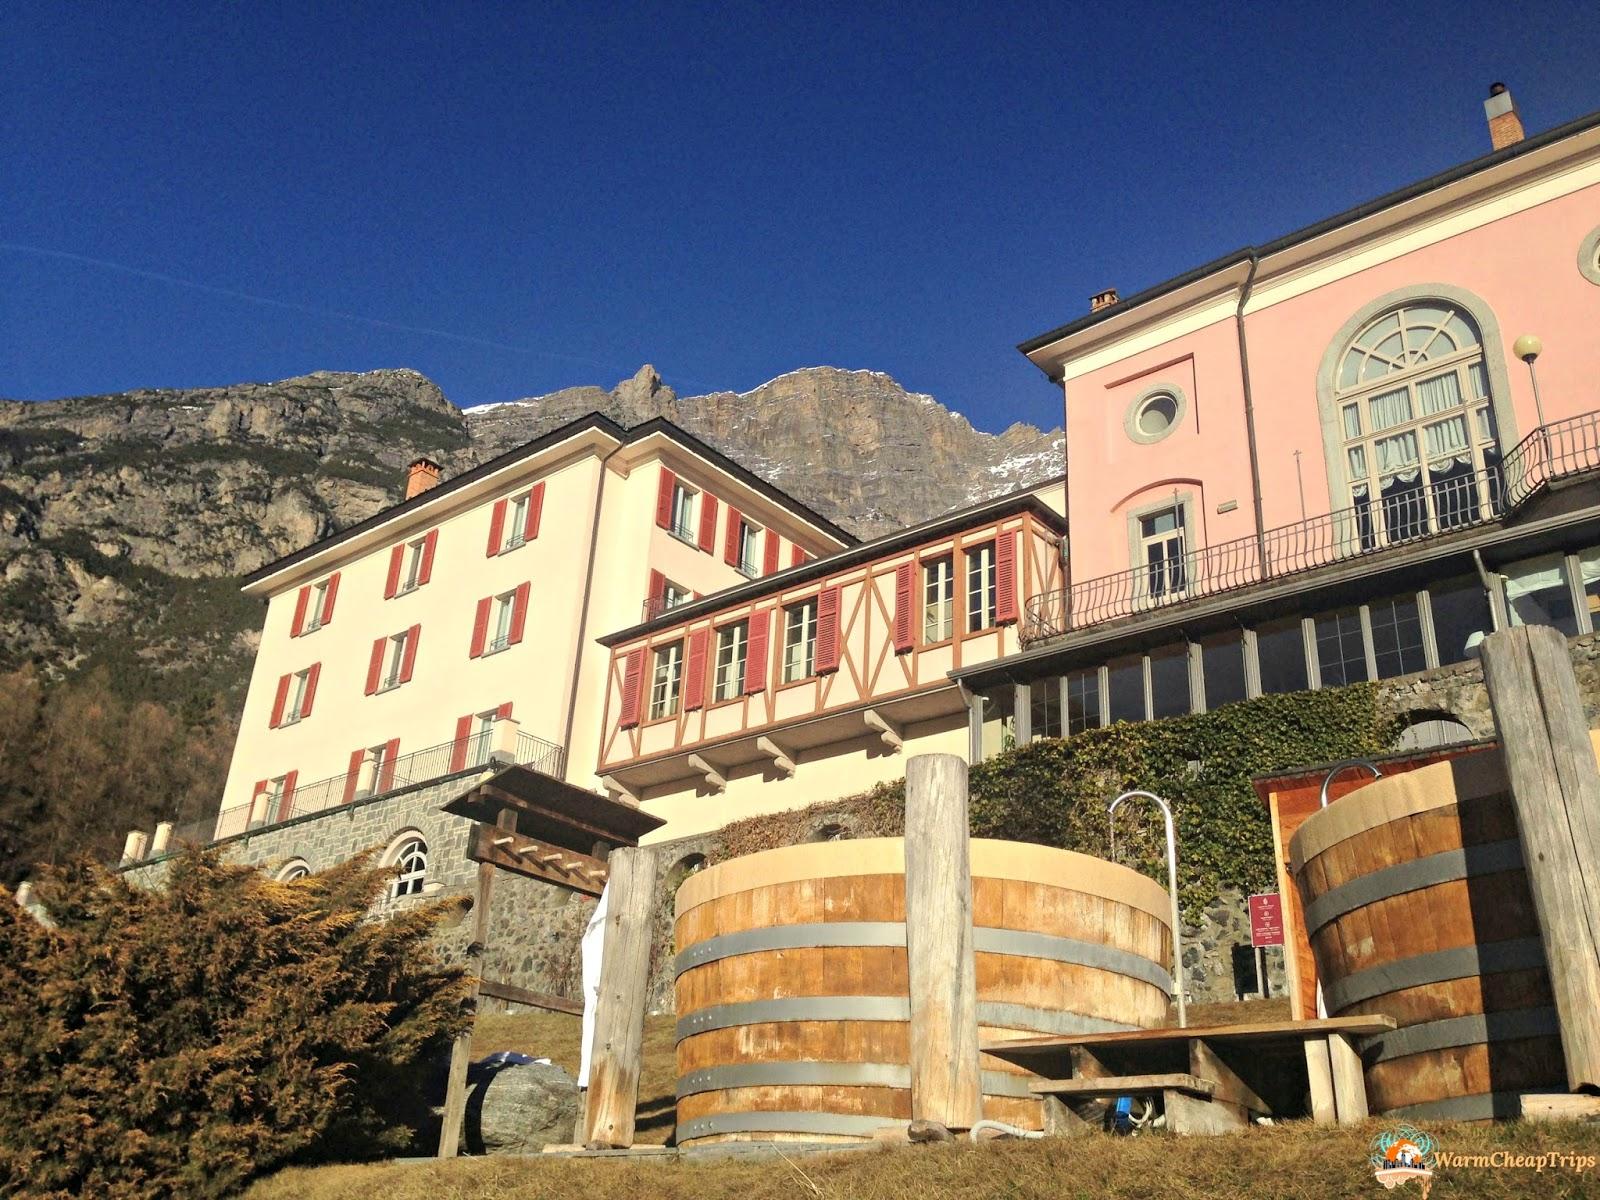 Bagni di Bormio, un paradiso termale tra le montagne. - WarmCheapTrips